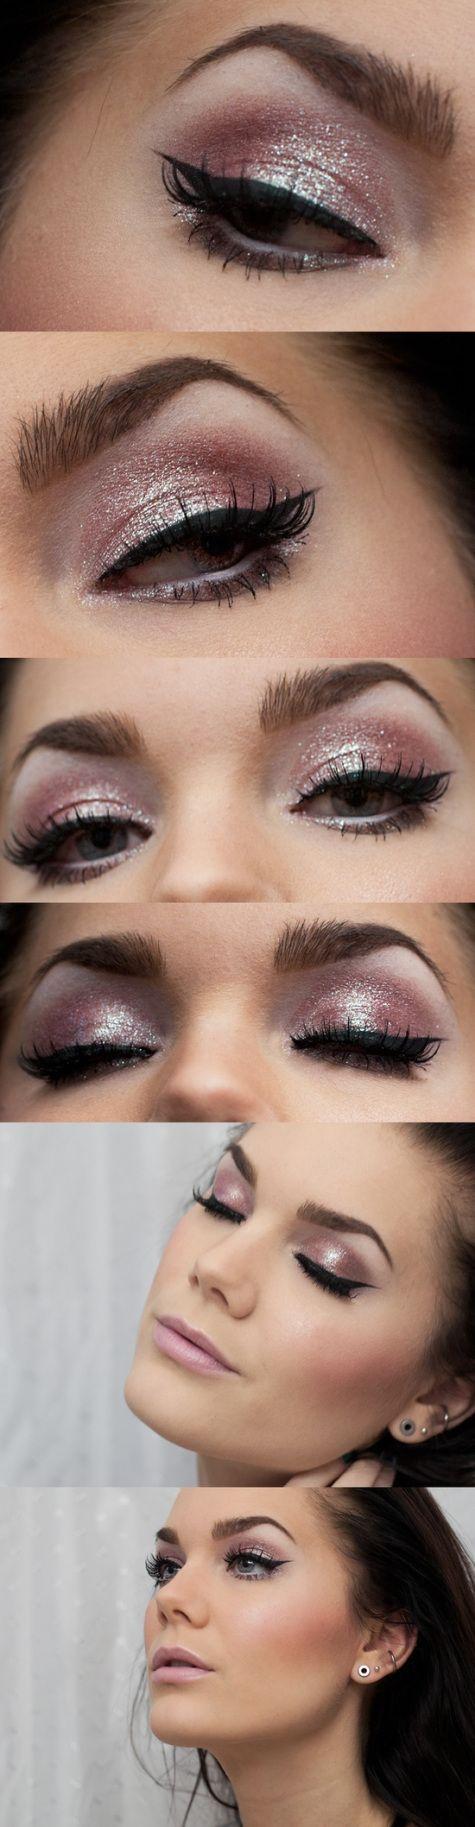 By Linda Hallberg. + Información sobre nuestro CURSO: http://curso-maquillaje.es/msite-nude/index.php?PinCMO